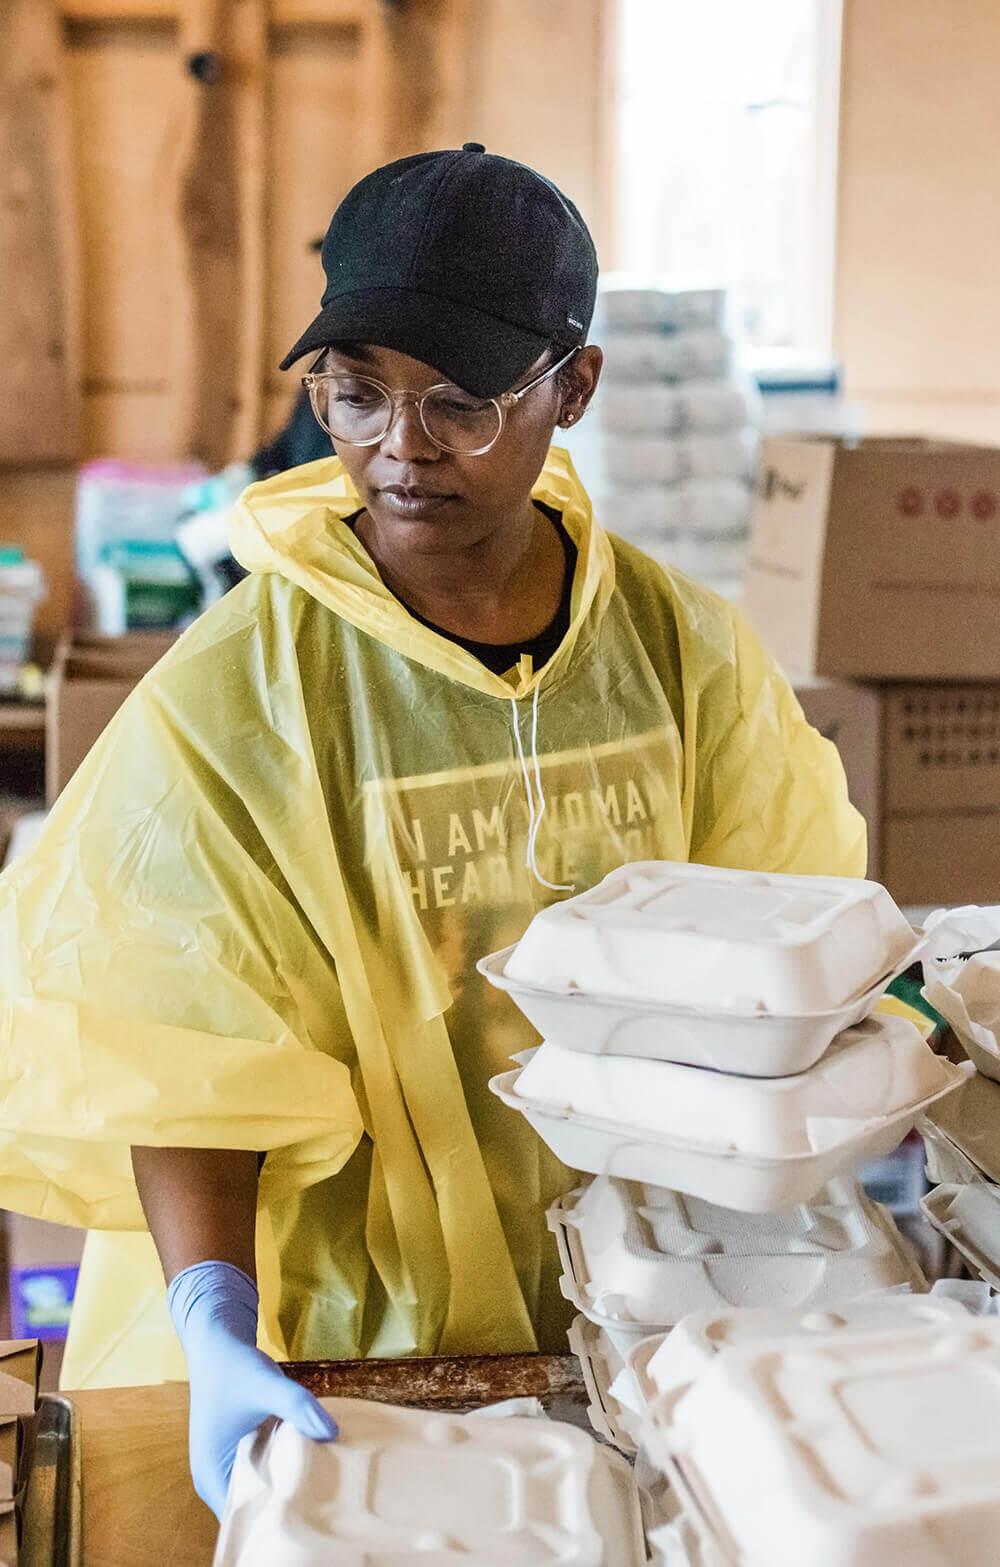 volunteer working to provide food